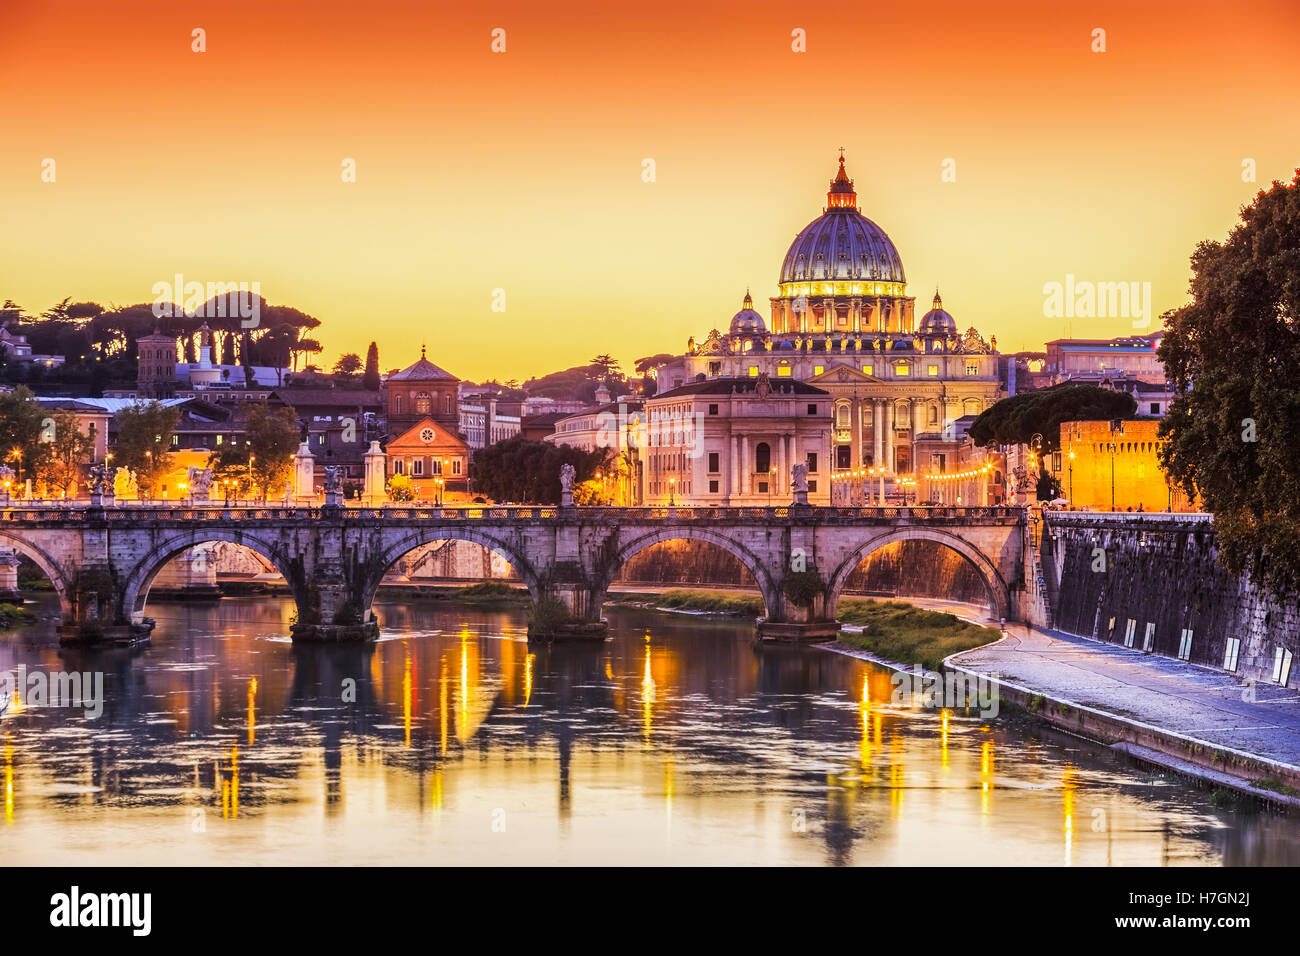 Basilique San Pietro et le pont St Ange au coucher du soleil. Rome, Italie Photo Stock